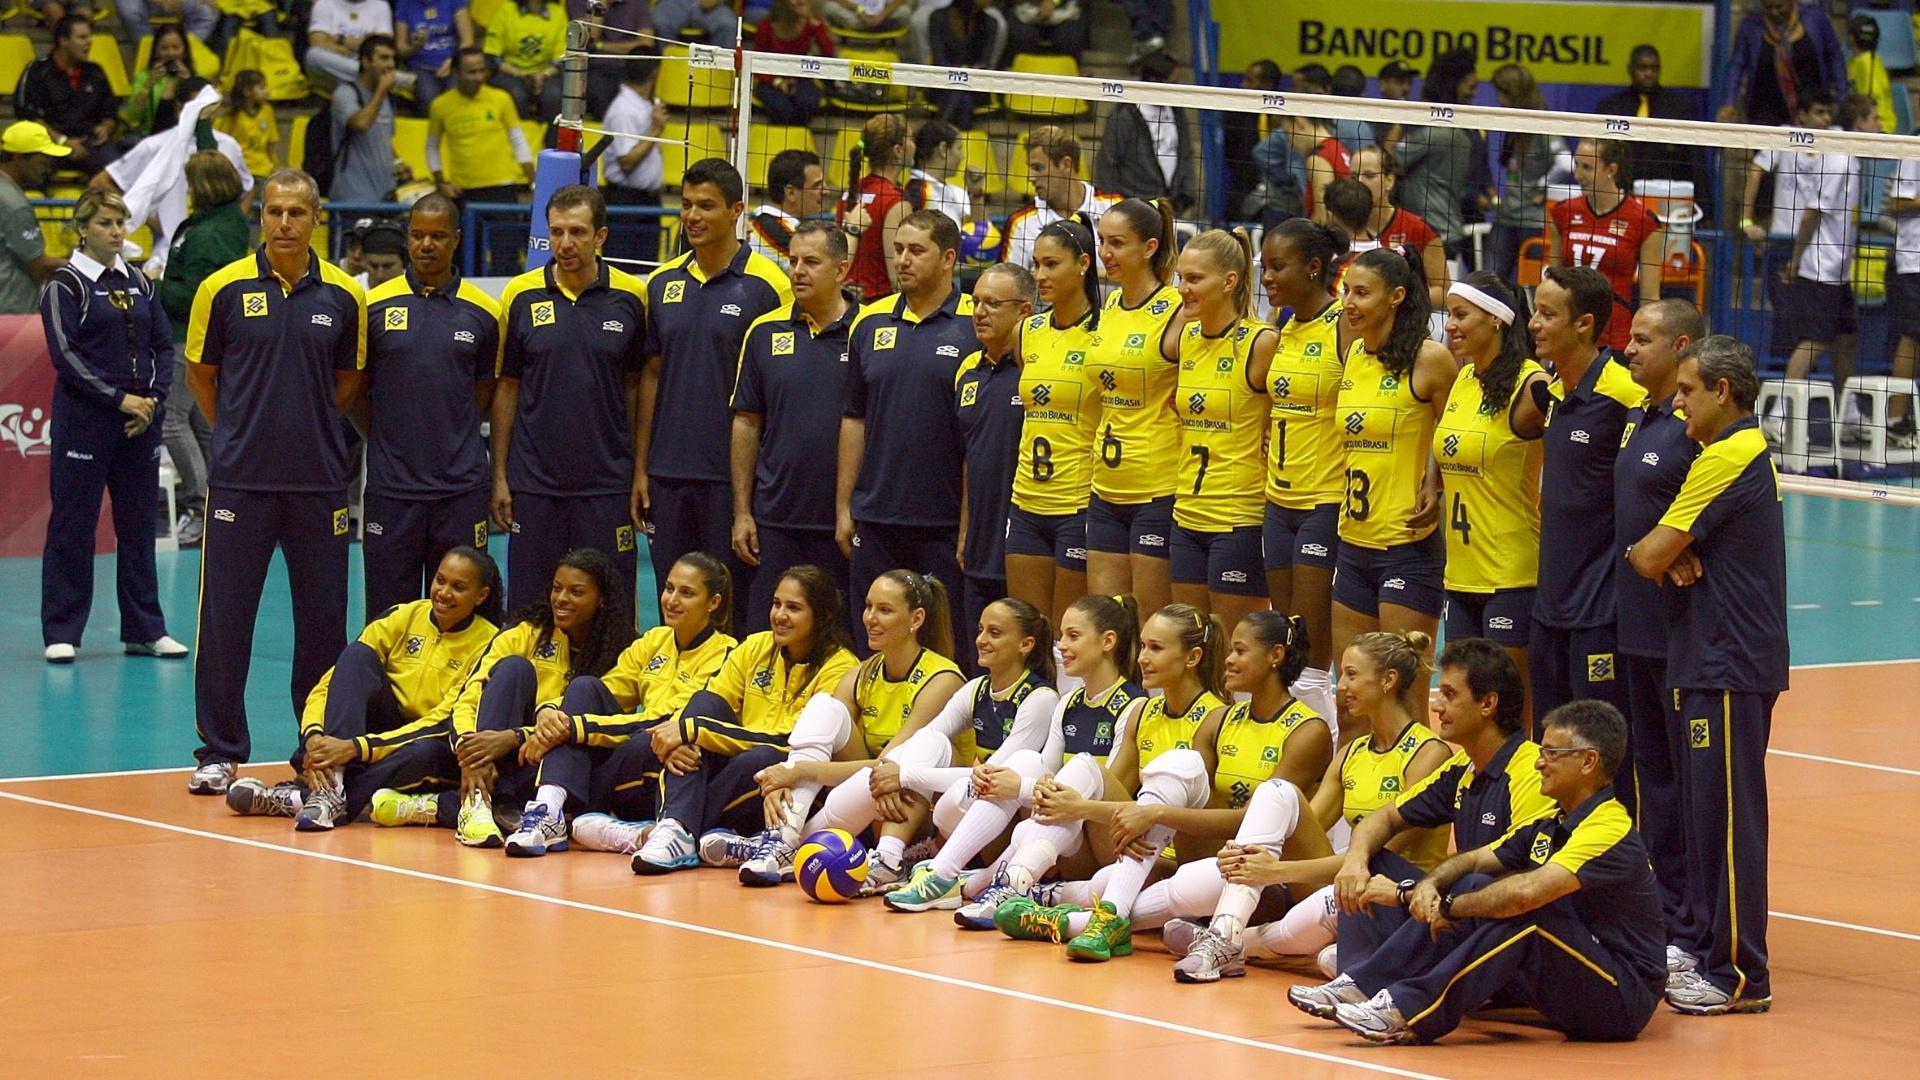 Delegação da seleção brasileira de vôlei posa antes da partida contra a Alemanha, em São Bernardo